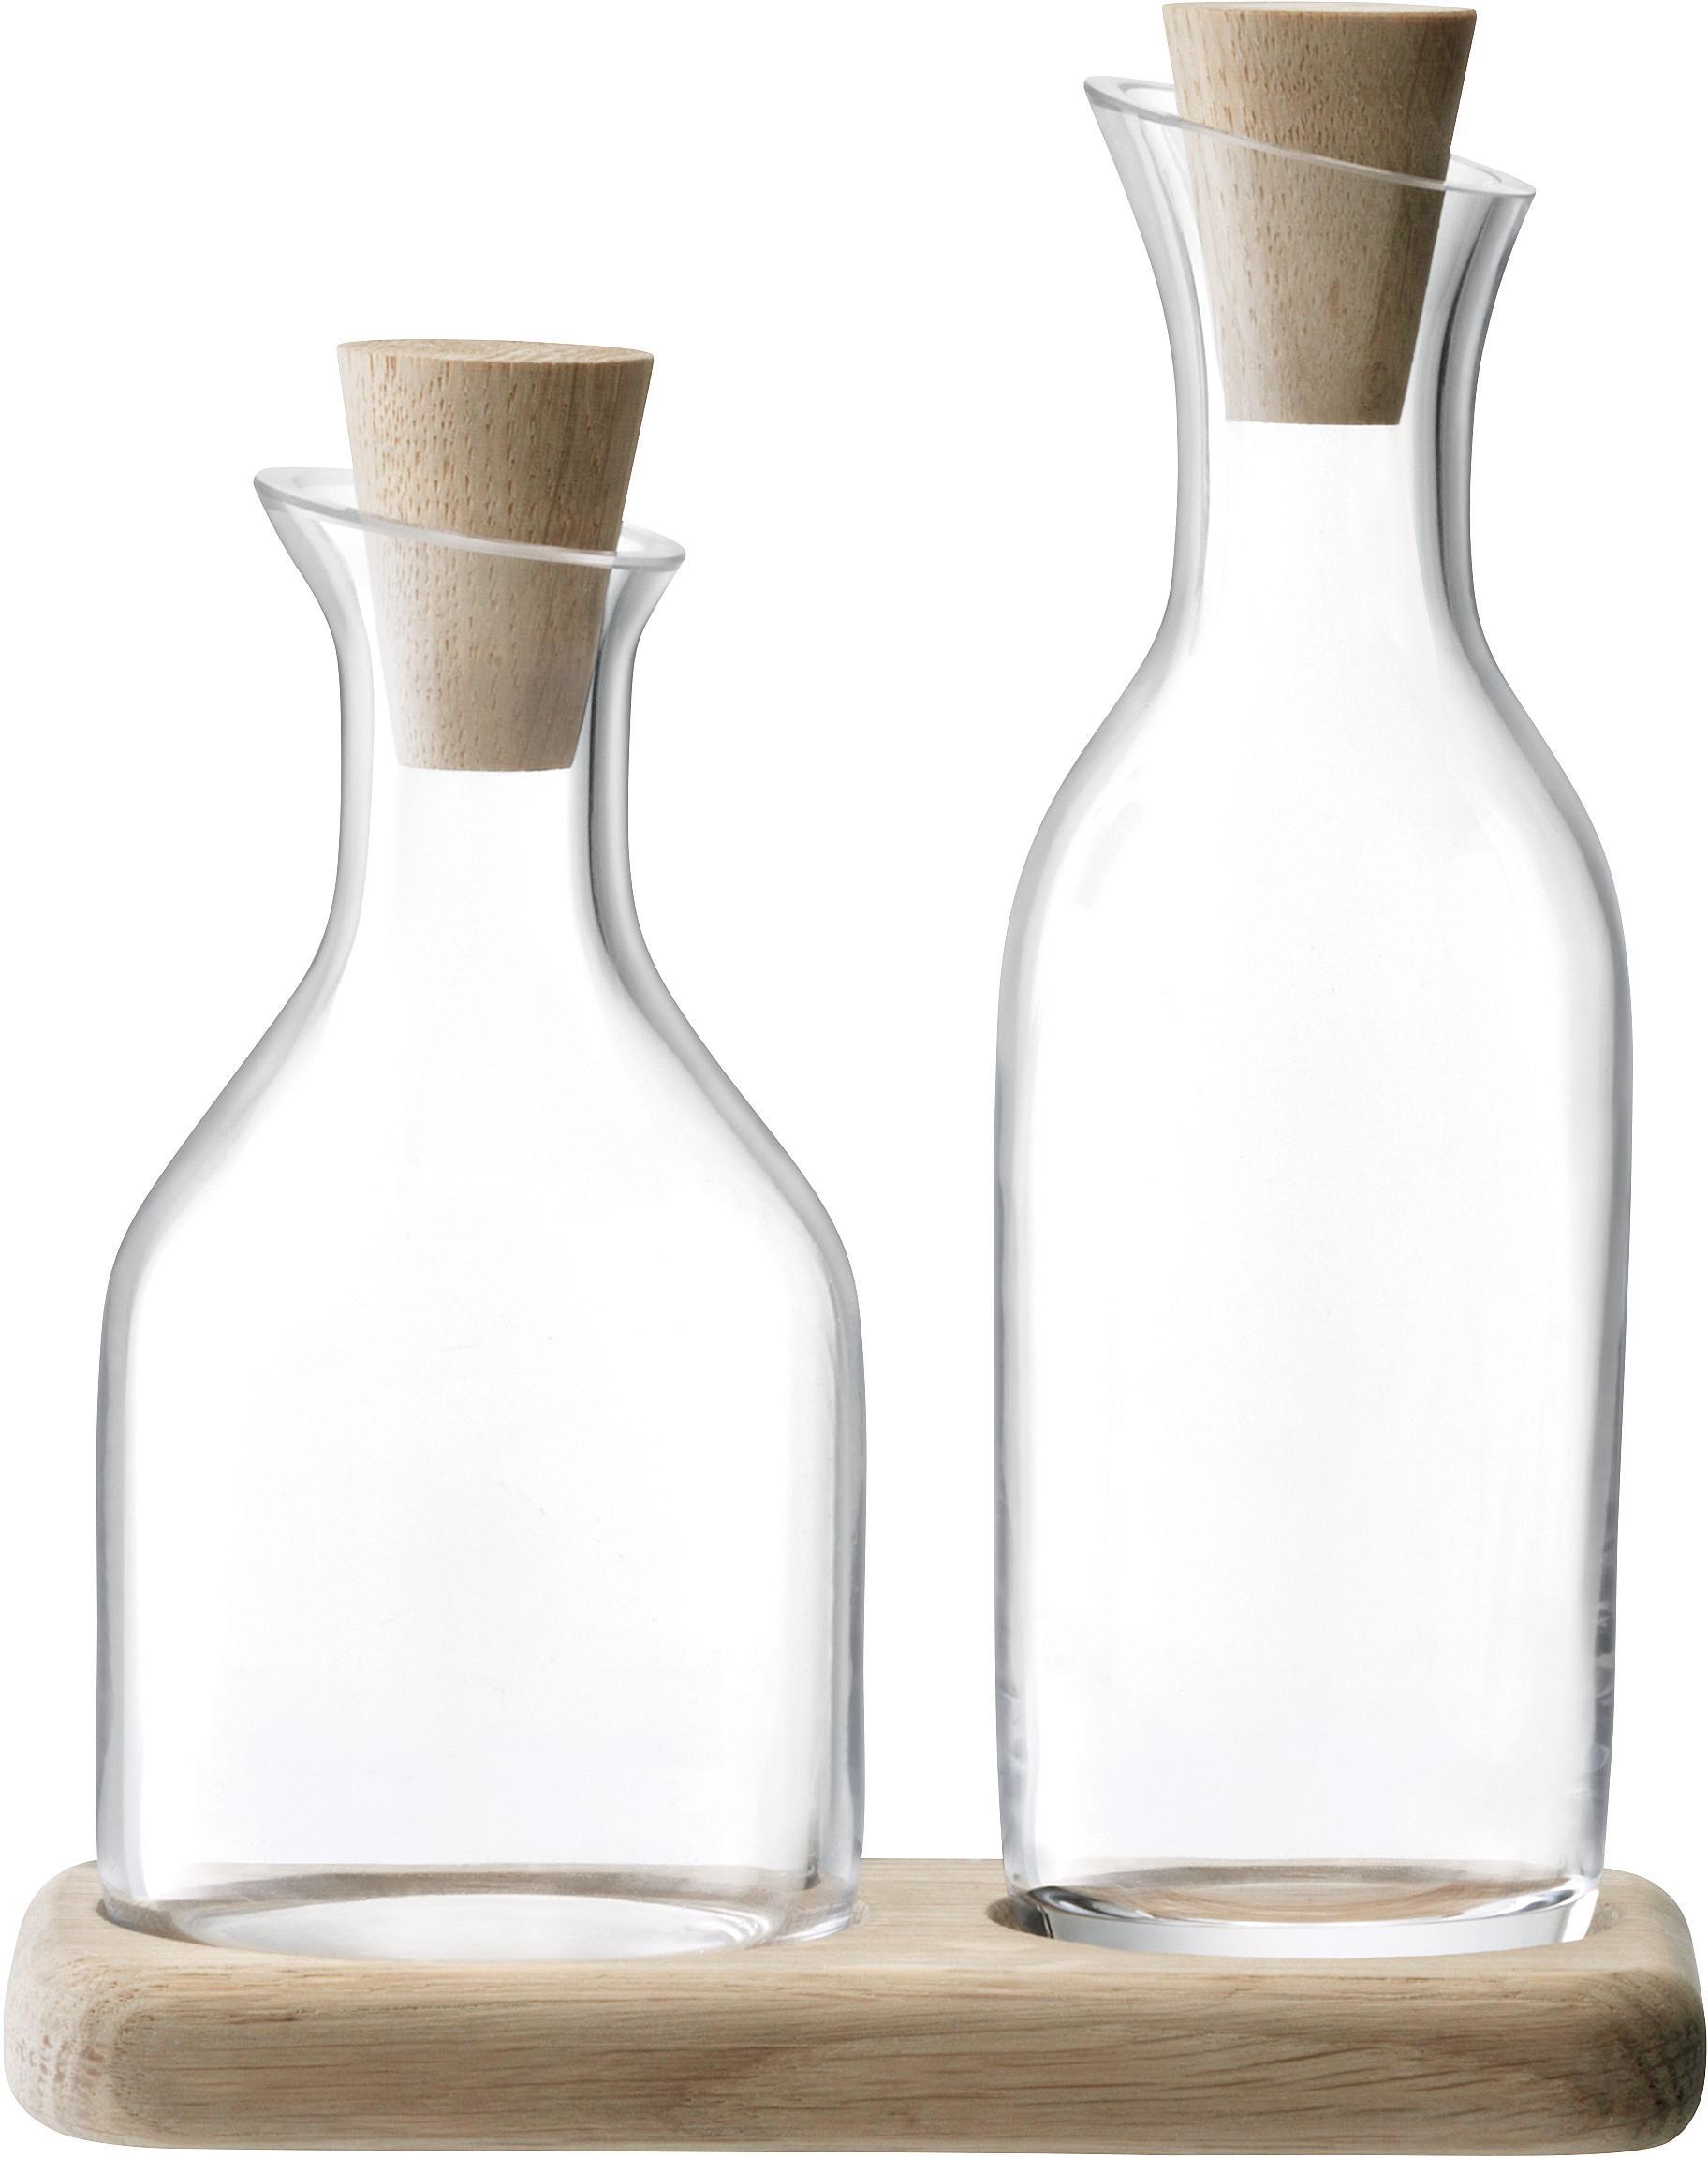 Vase-doseur huile & vinaigre avec bouchon Serve, 3élém., Vase-douseur: transparent Socle: bois de chêne Bouchons: bois de chêne